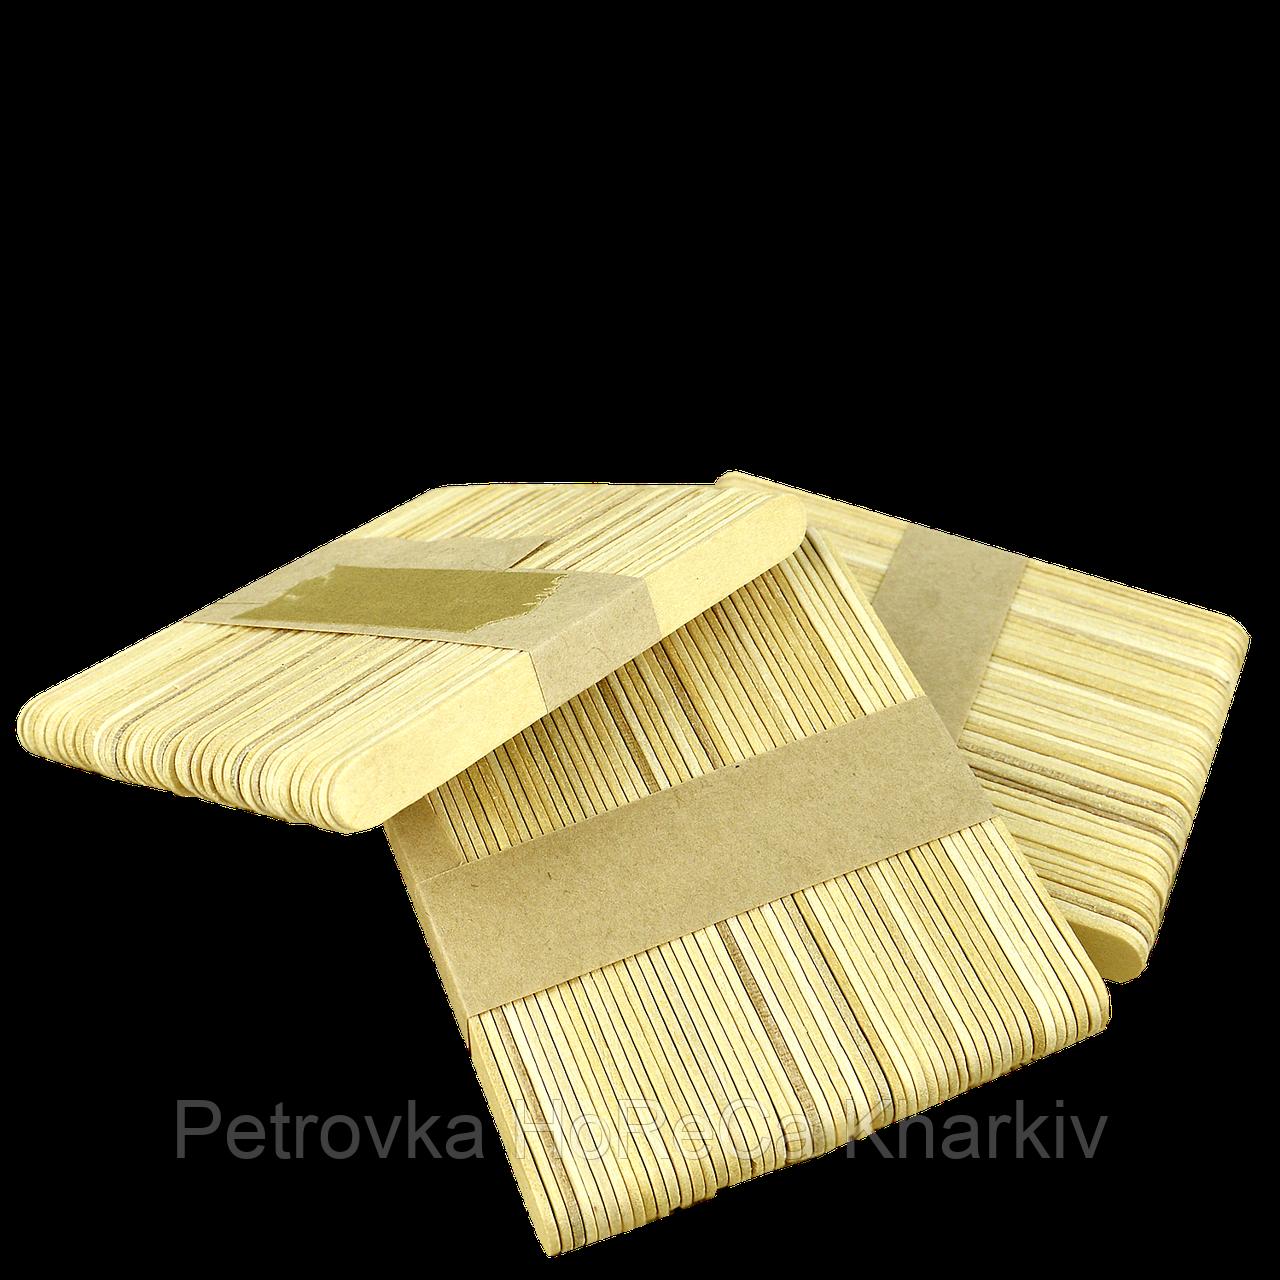 Мешалка деревянная  105мм (2500) ВЕНДИНГ